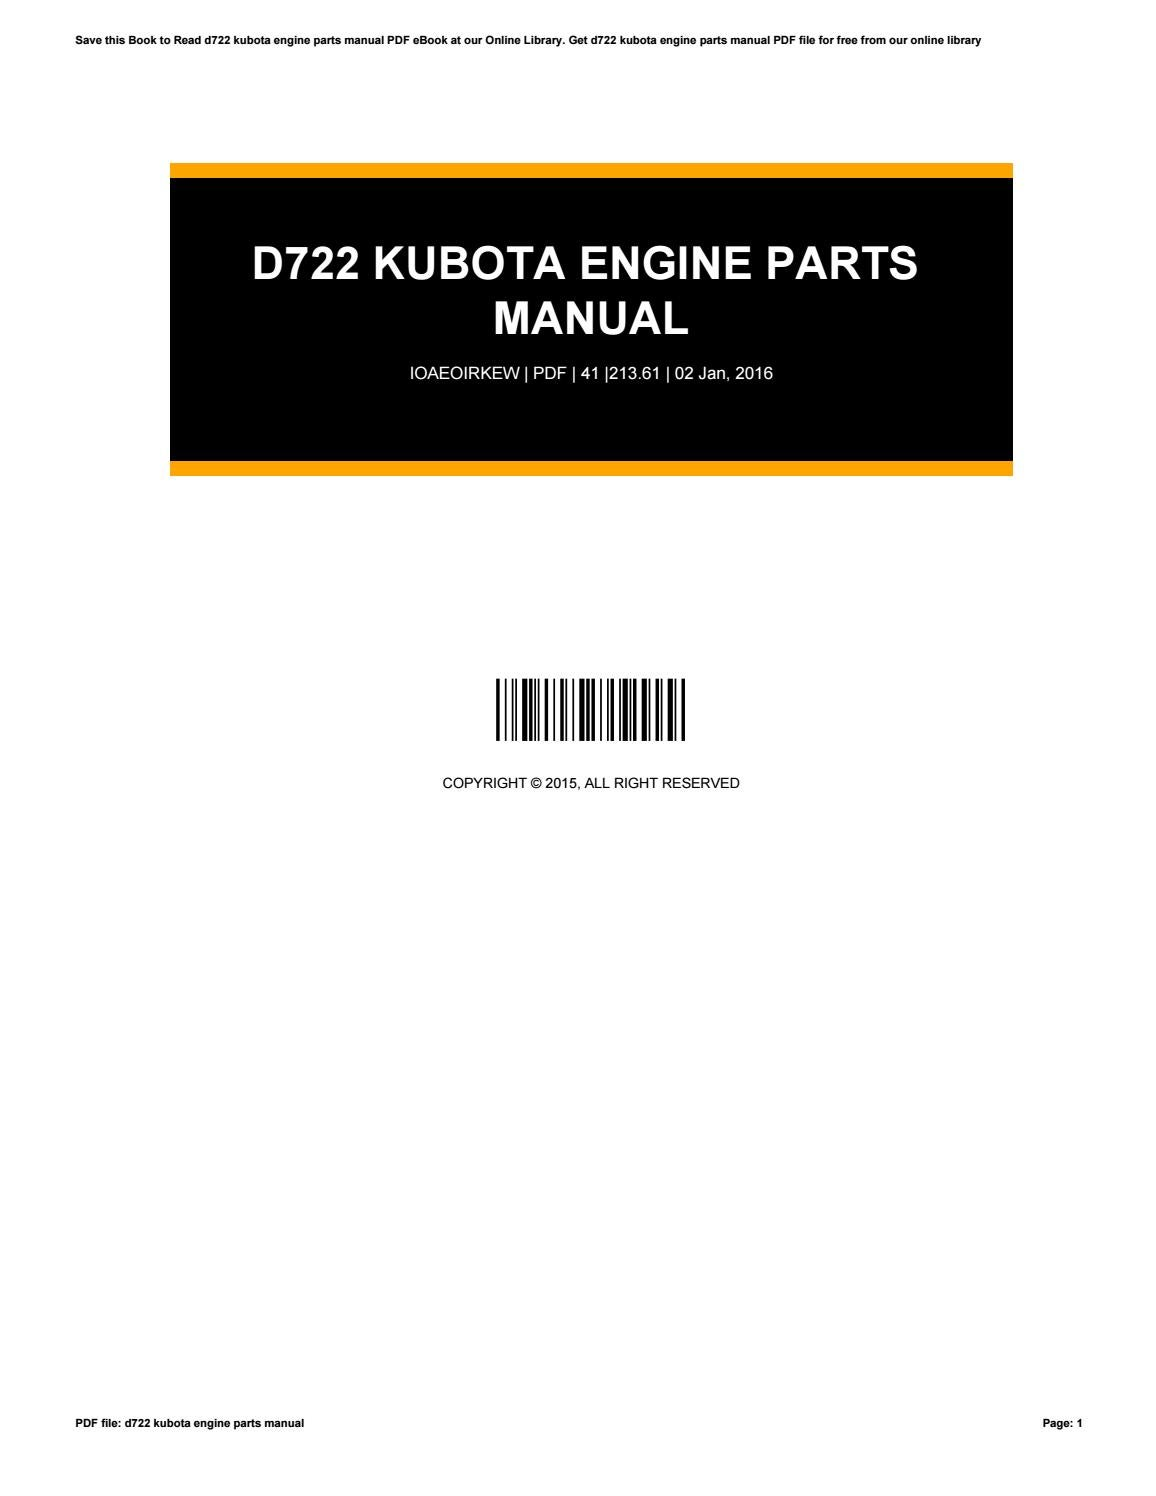 Kubota D722 Wiring Diagram